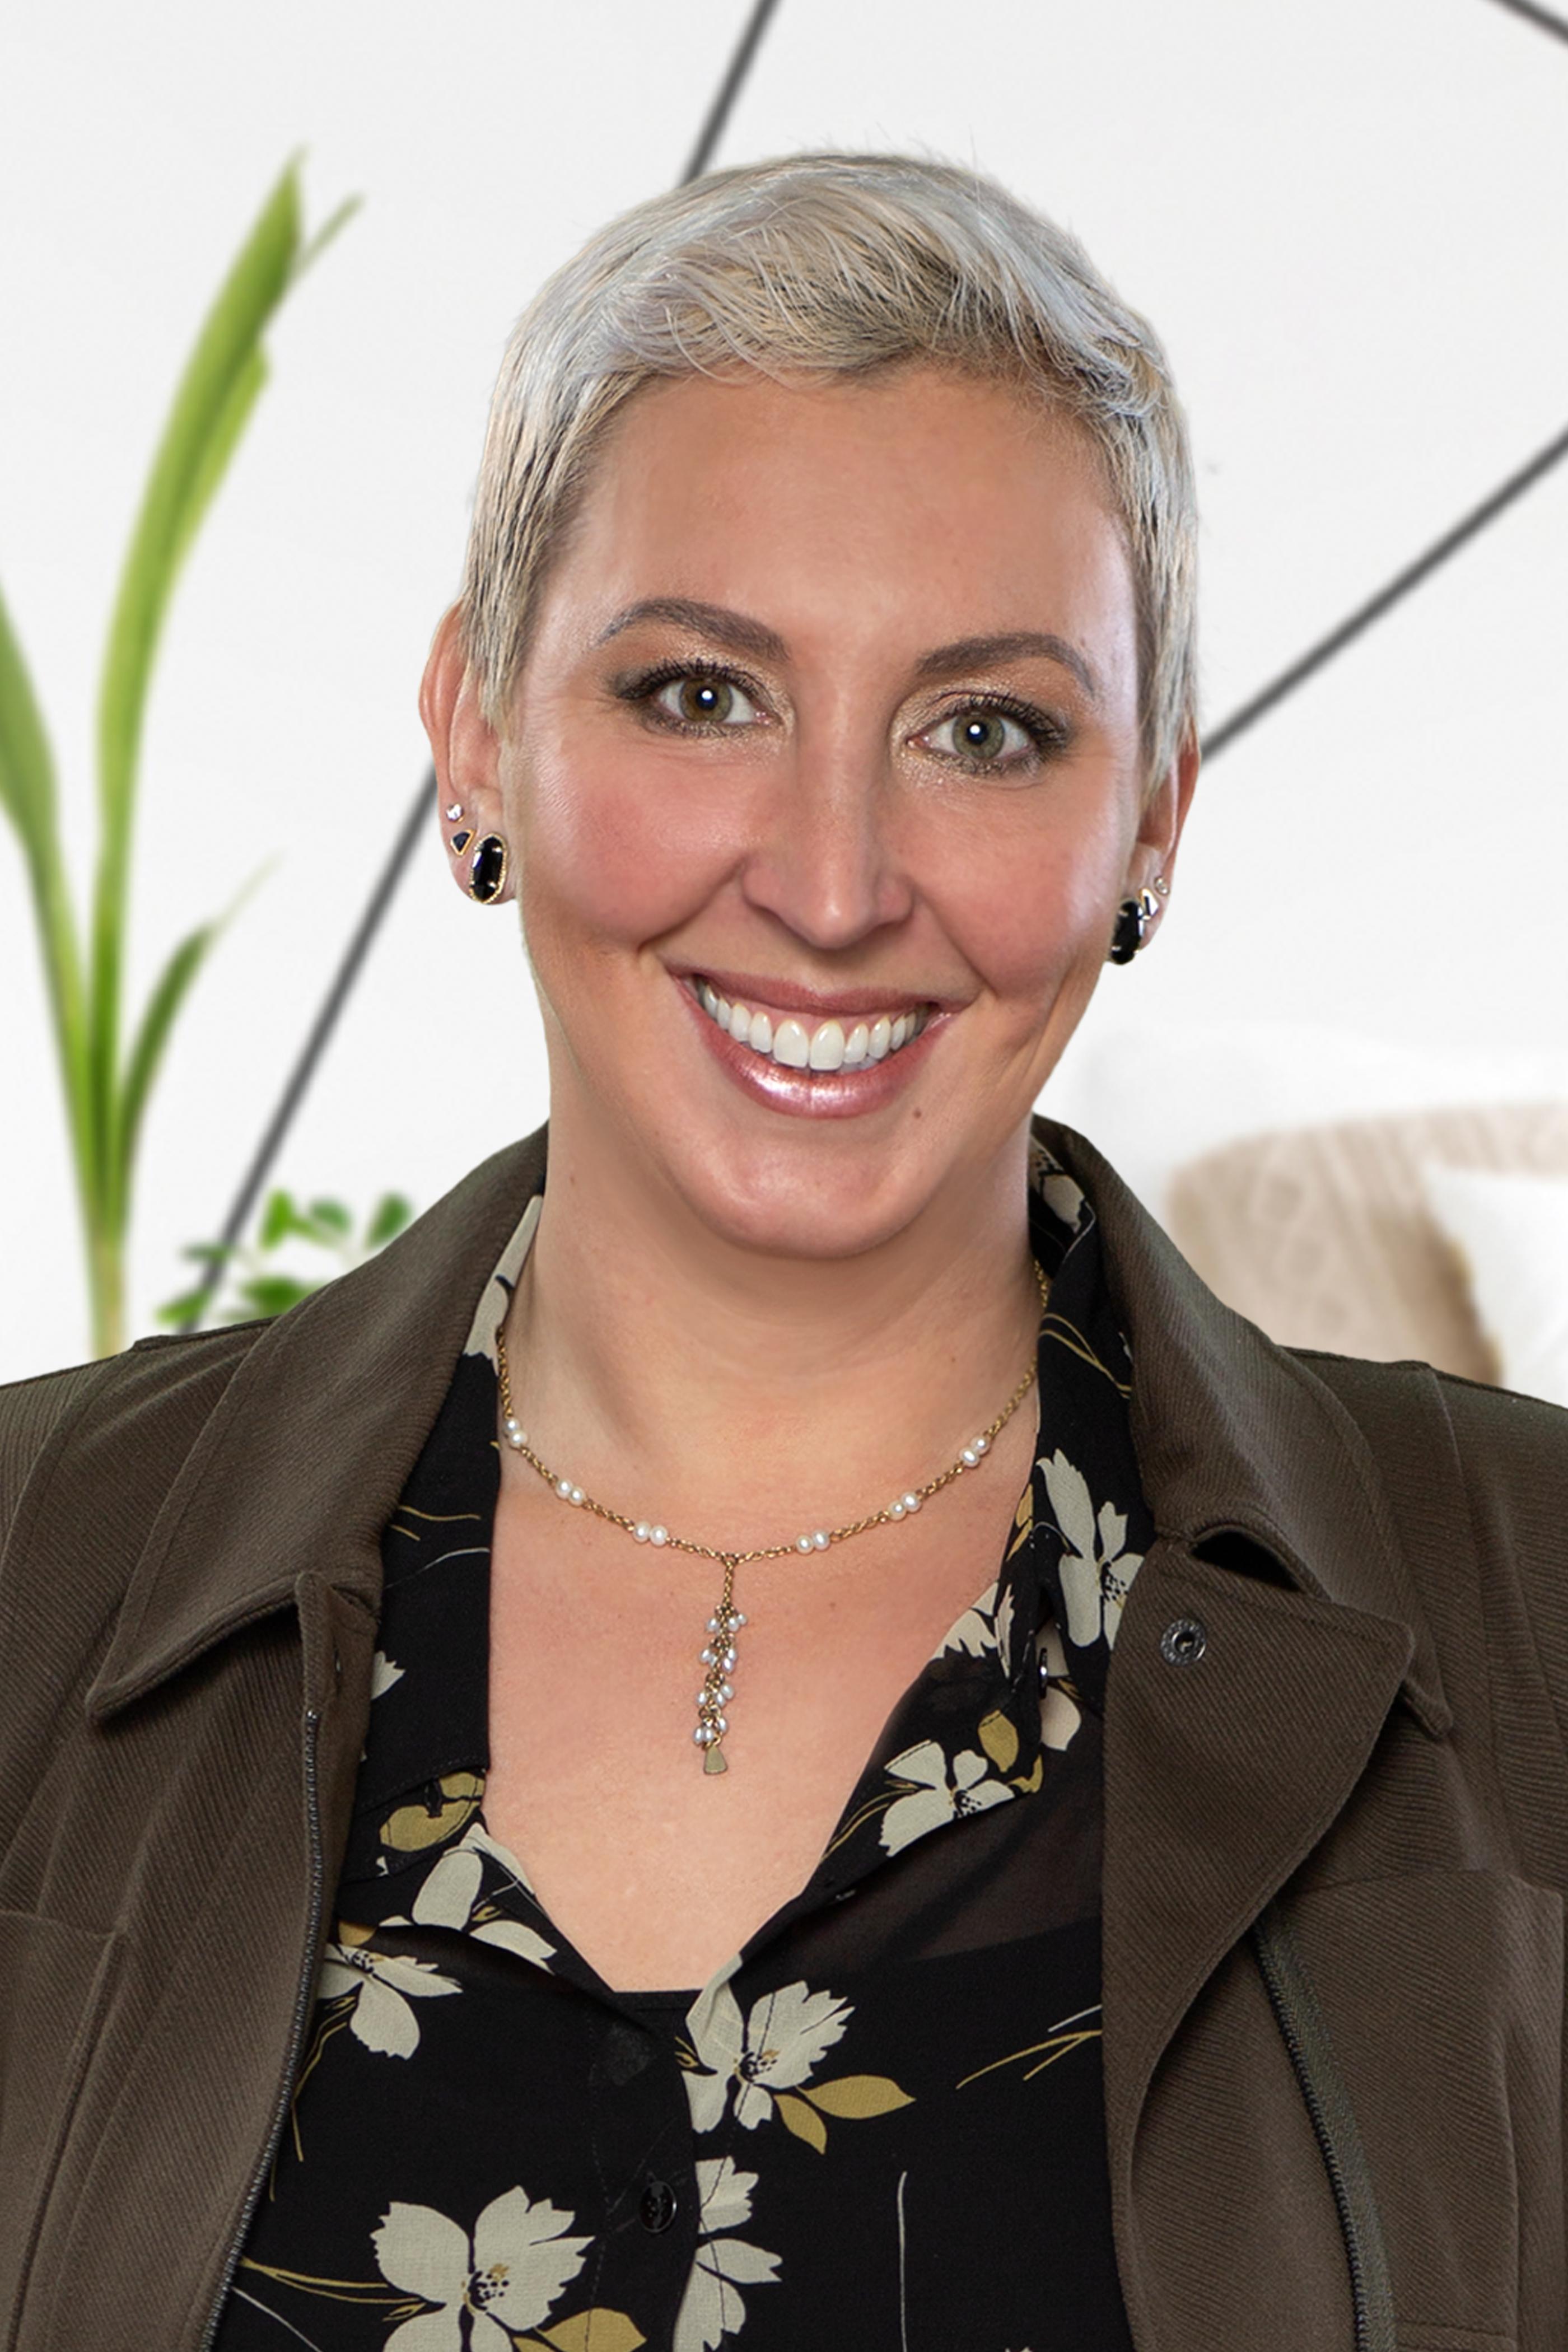 Katy Smith